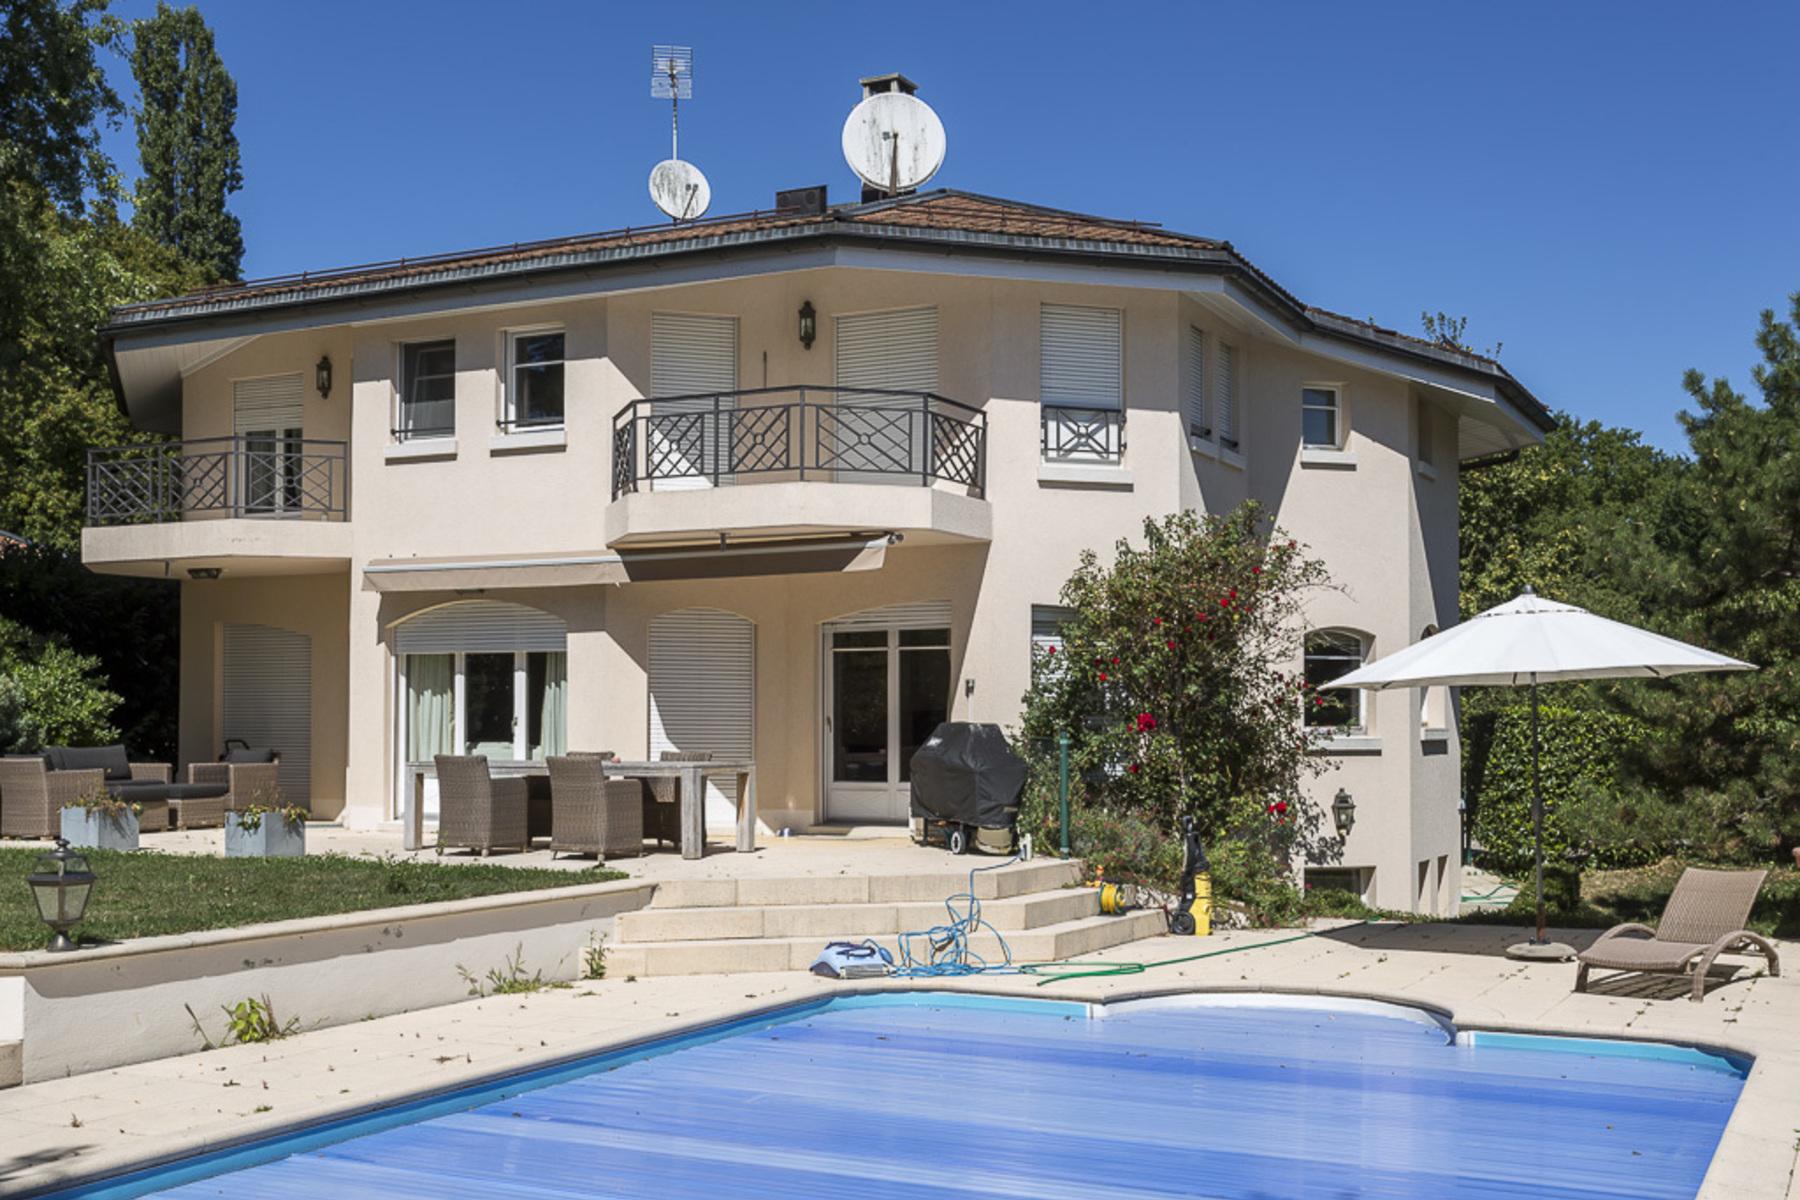 Частный односемейный дом для того Продажа на Beautiful villa with pool, ideal for a family Vandoeuvres Vandoeuvres, Жене́ва, 1253 Швейцария